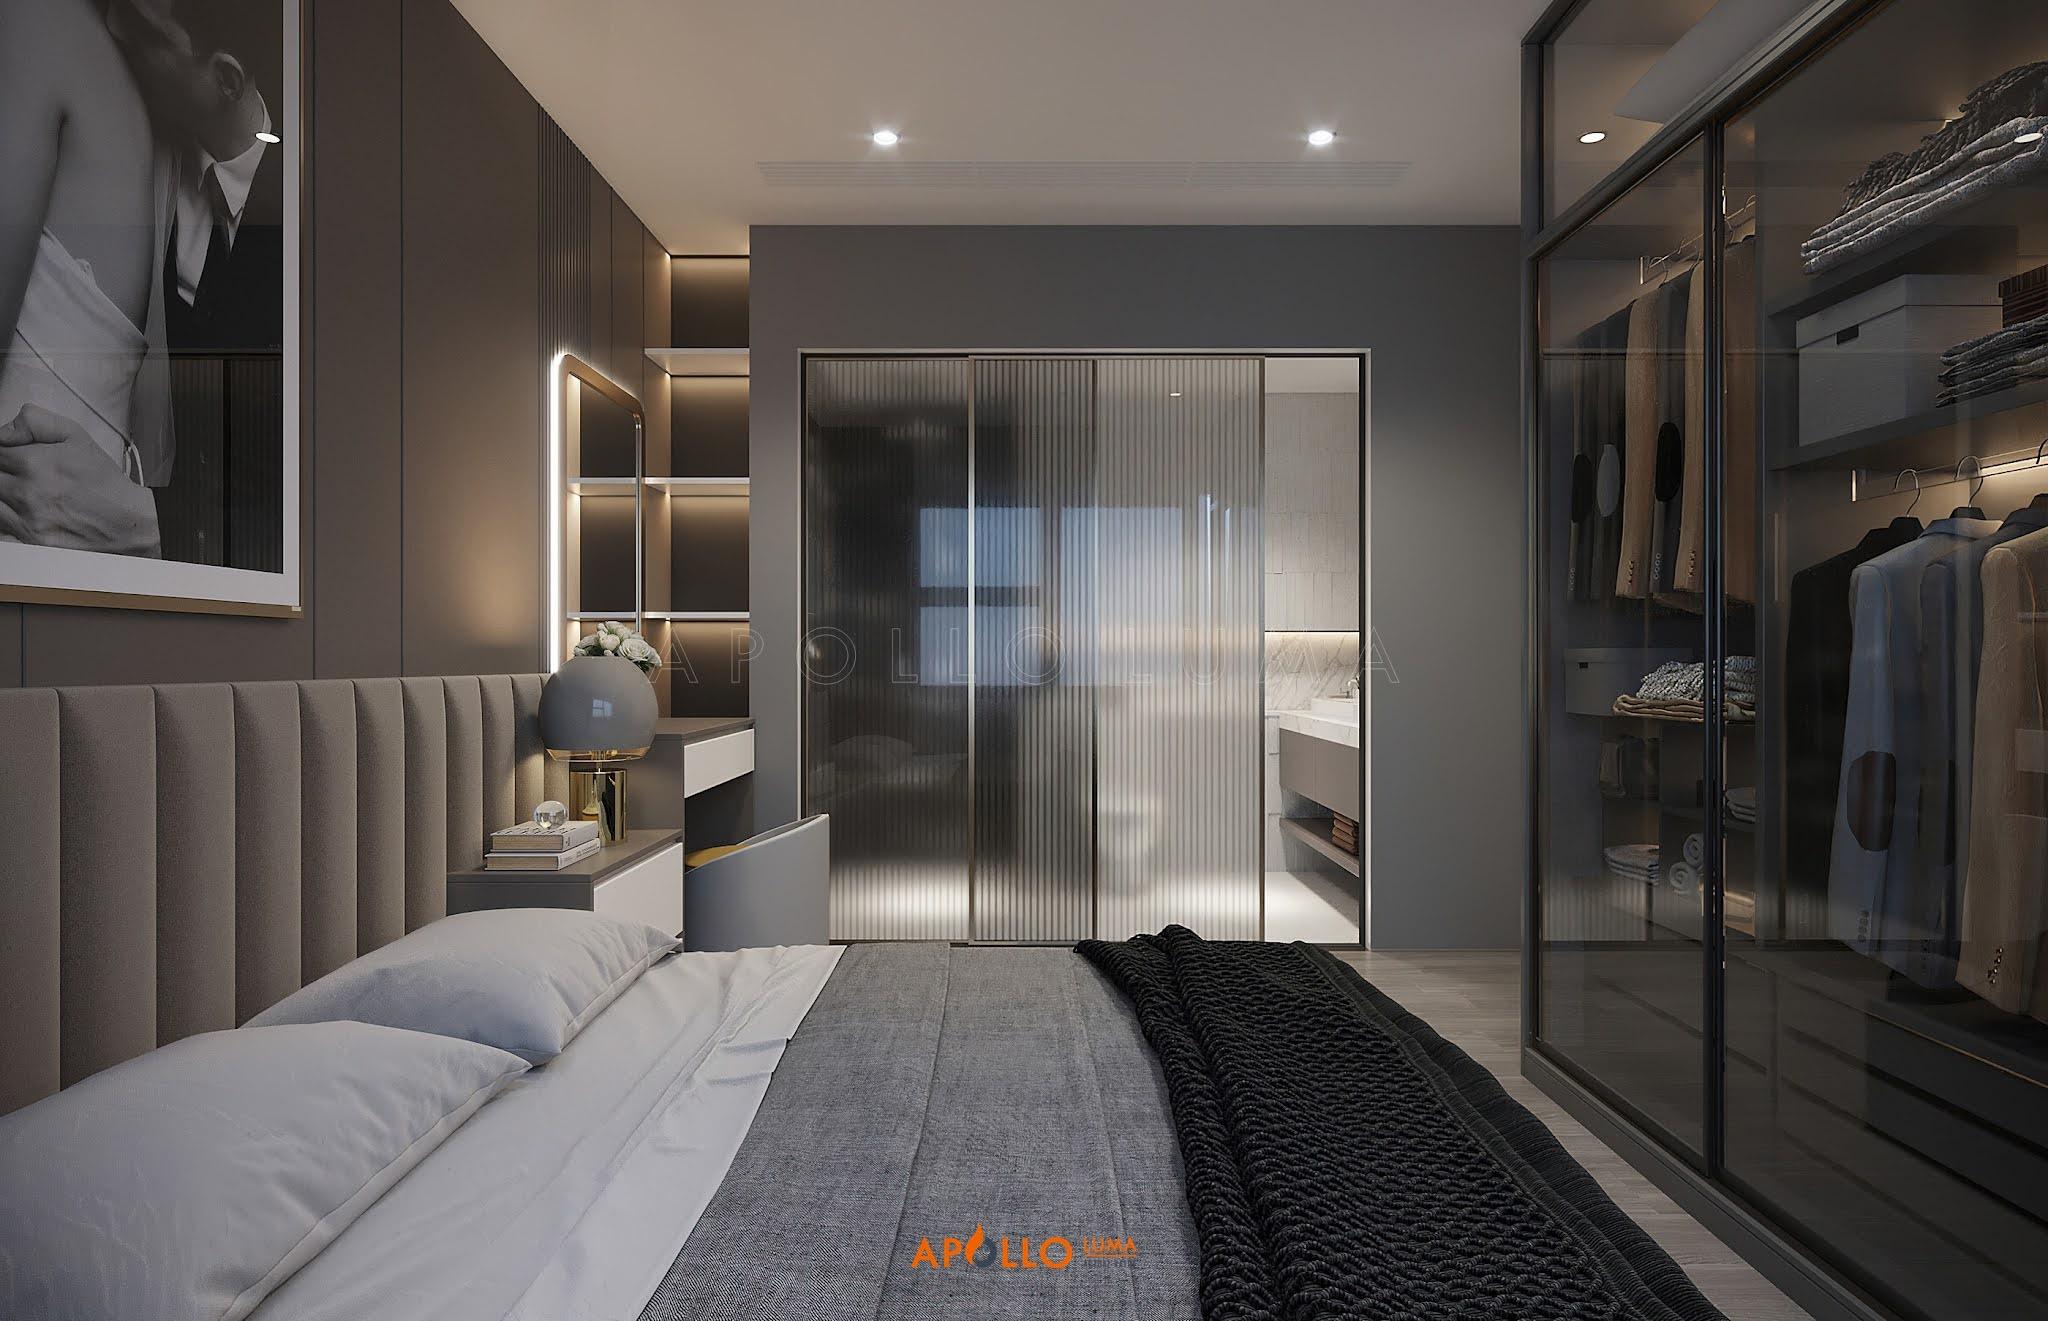 Thiết kế nội thất căn hộ 2PN+1 Imperia Smart City Tây Mỗ